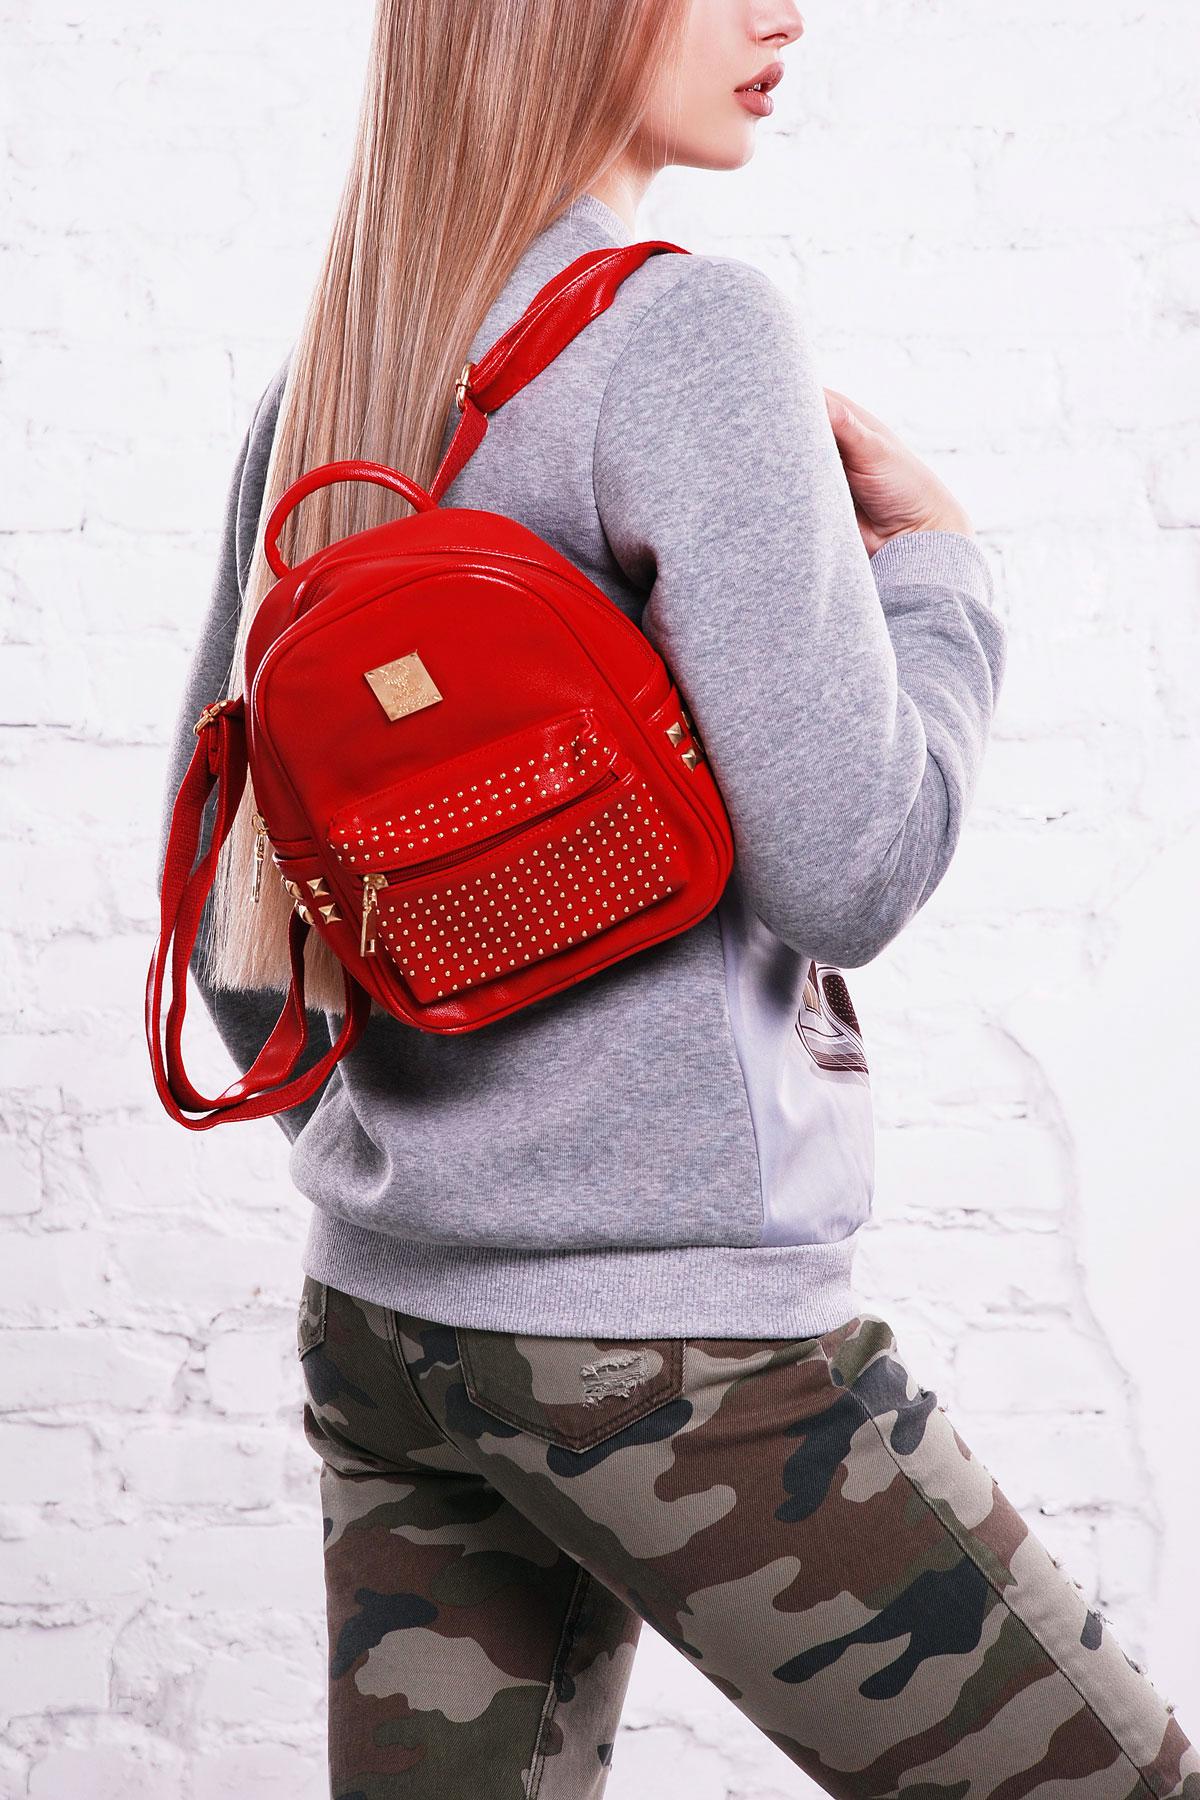 6839bf299208 Цвет: красный купить · небольшой рюкзак жемчужного цвета. Рюкзак 610. Цвет:  красный цена